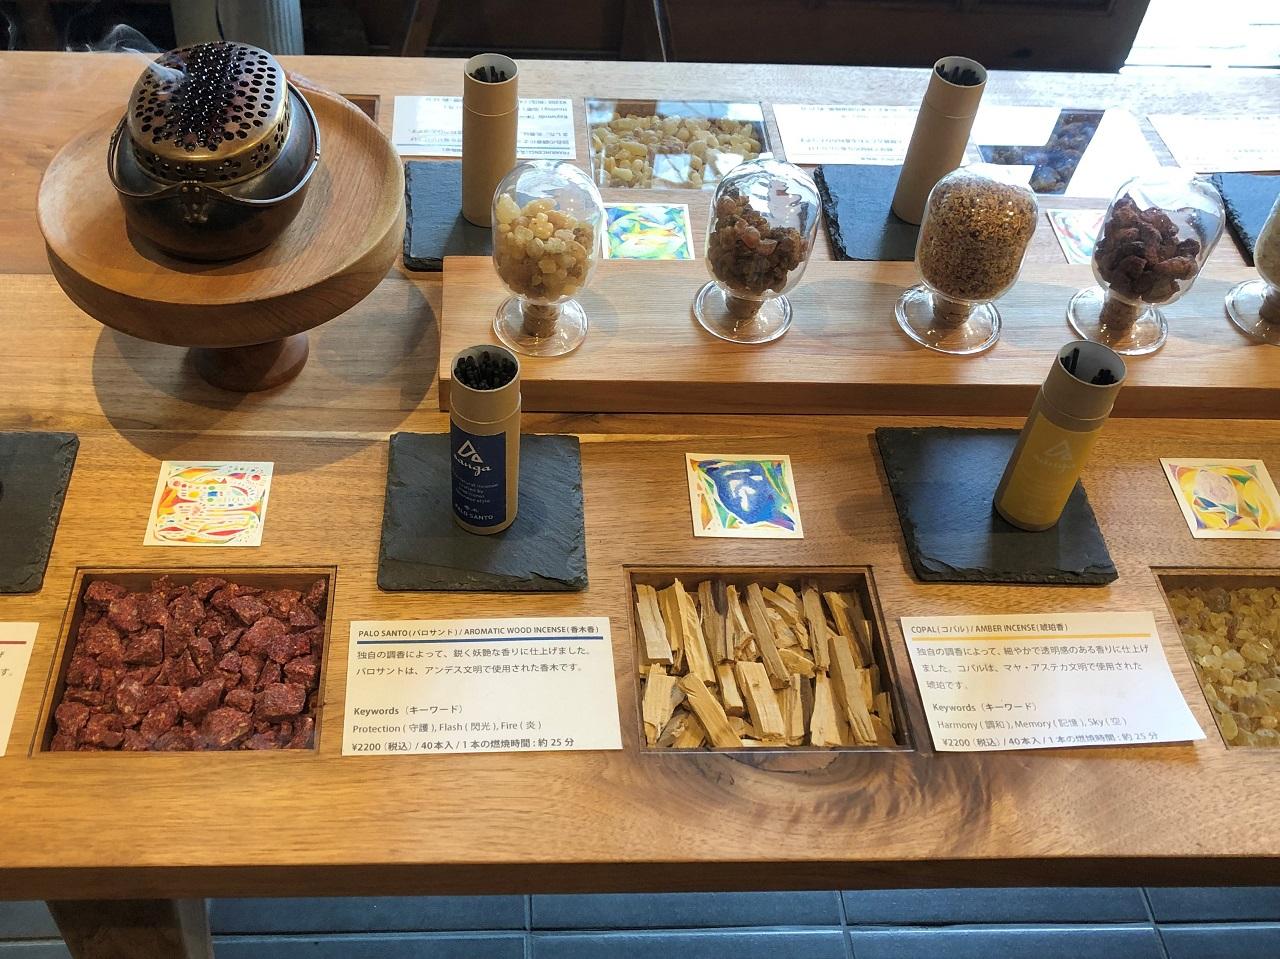 商品と一緒に見られる香木や琥珀などの原料。「この材料からこの香りが…」感慨もひとしお。